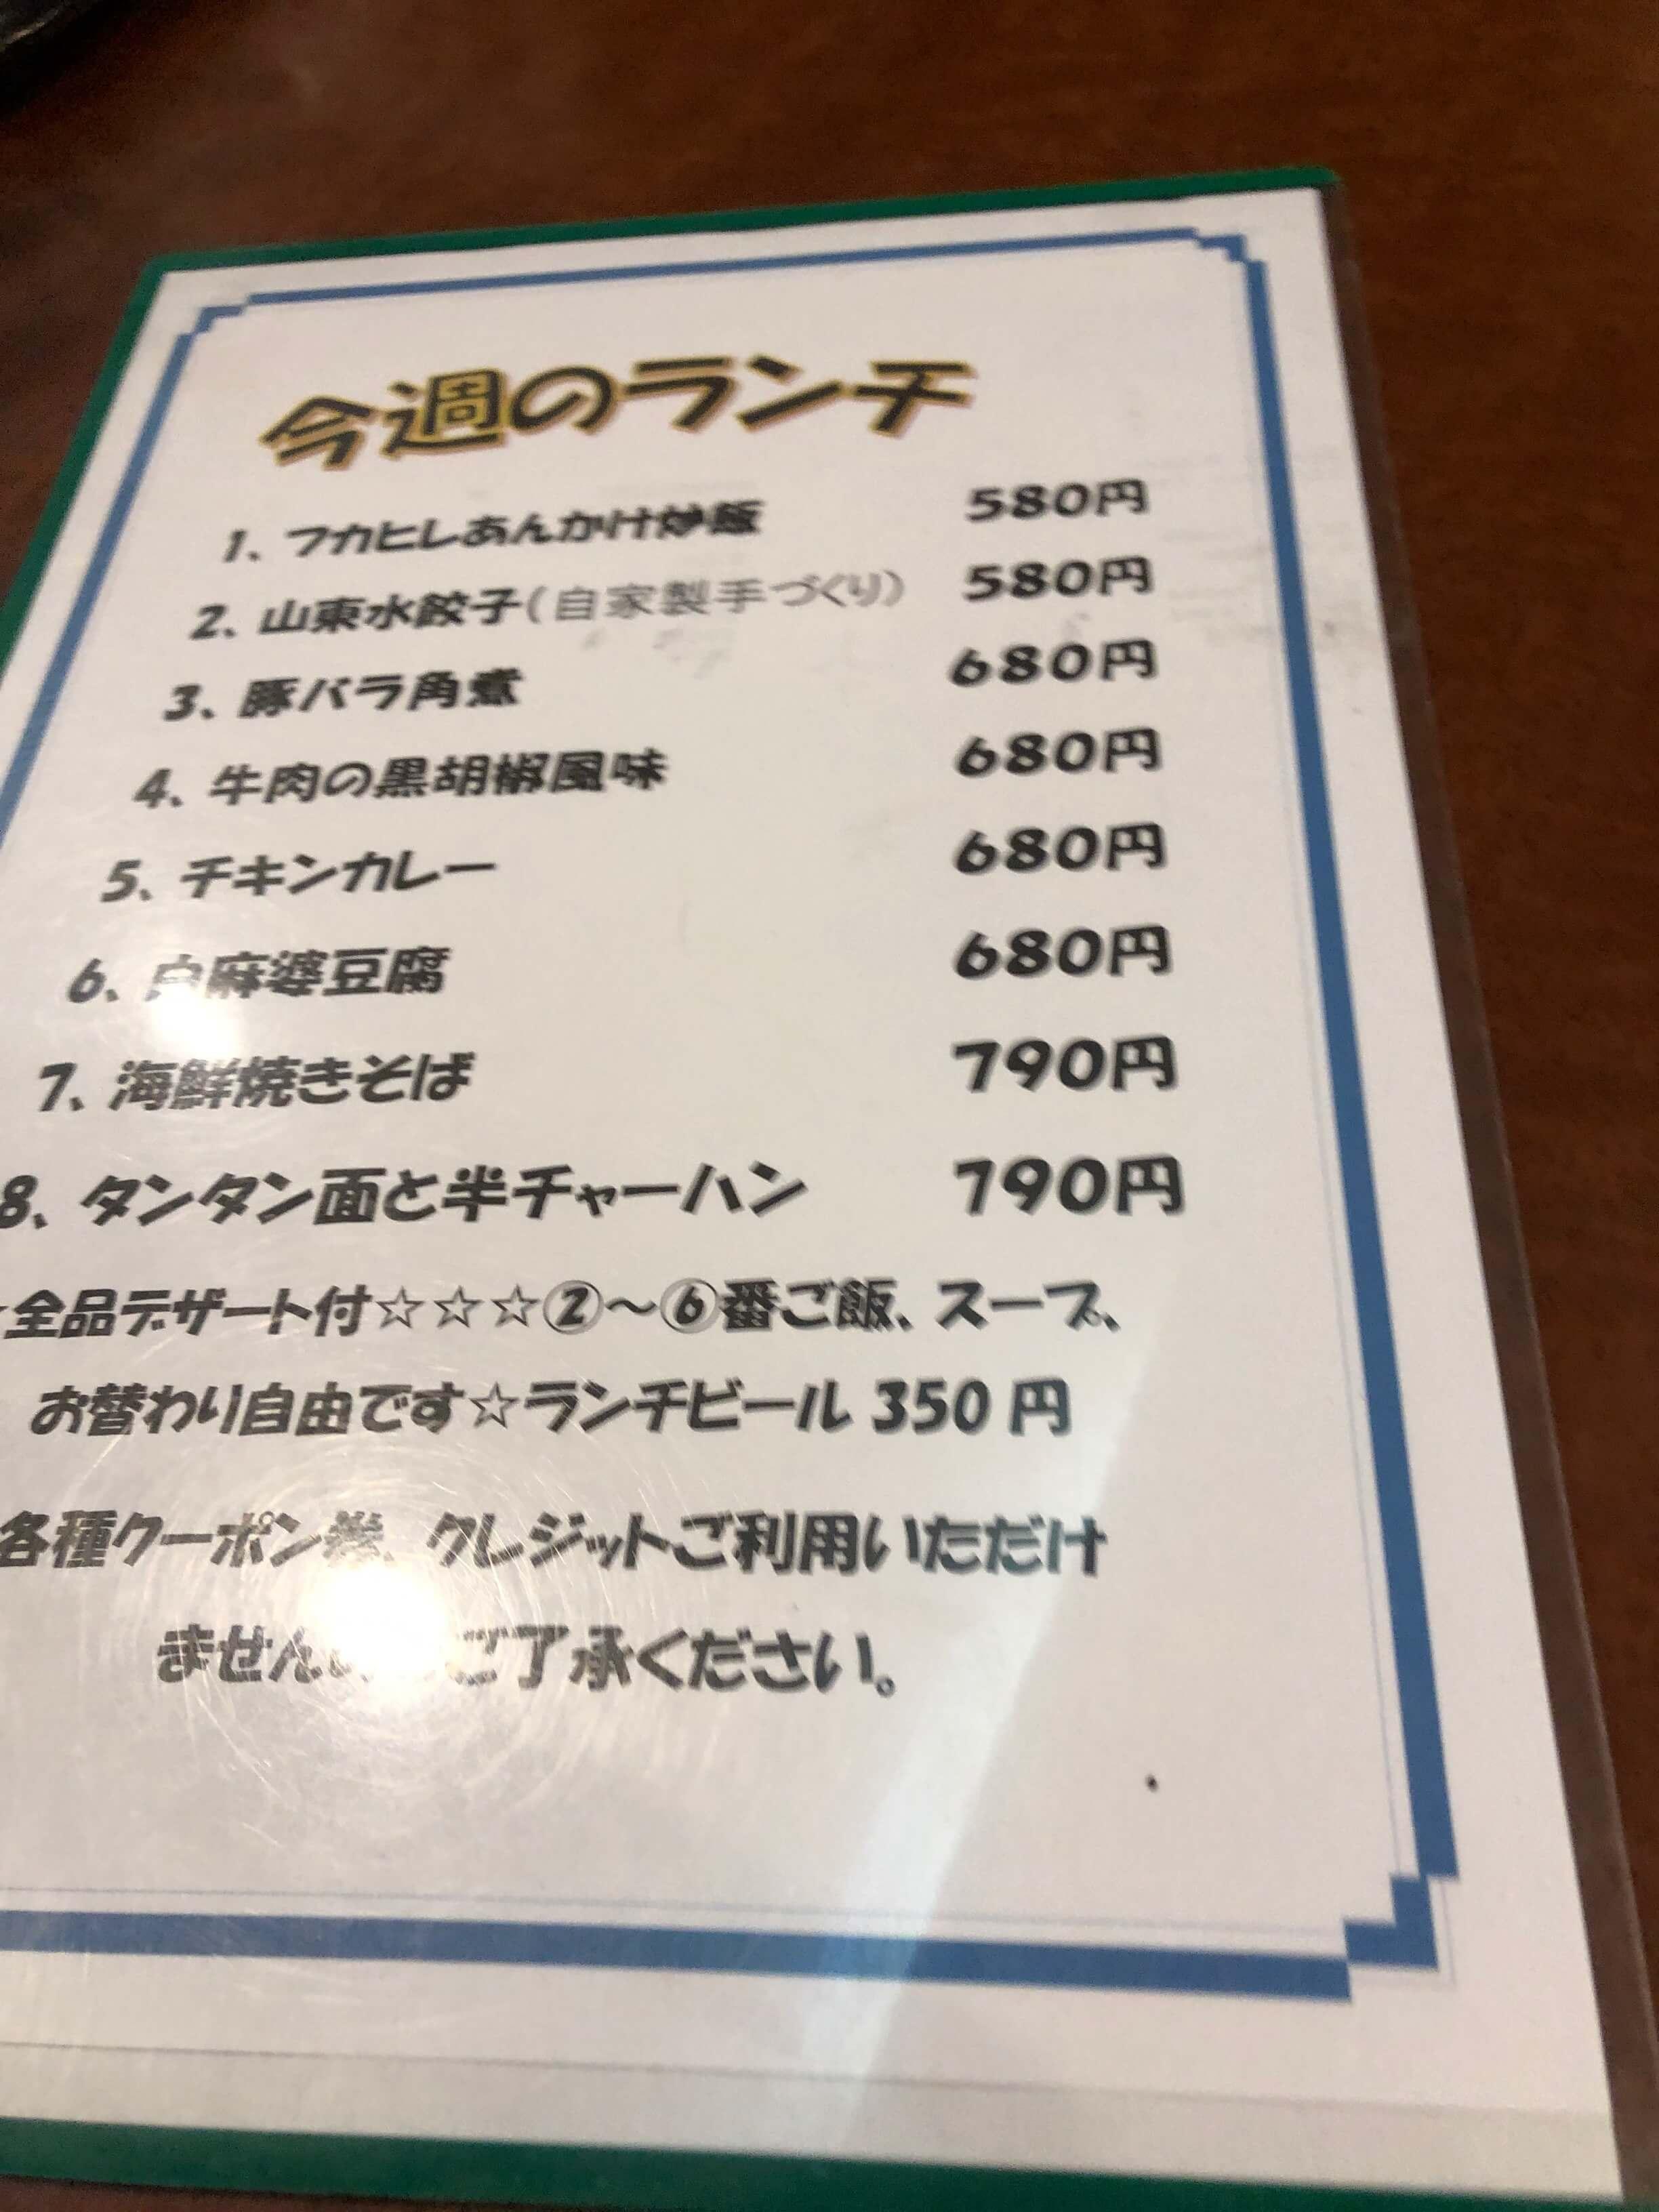 天香樓 メニュー 2020.02.25